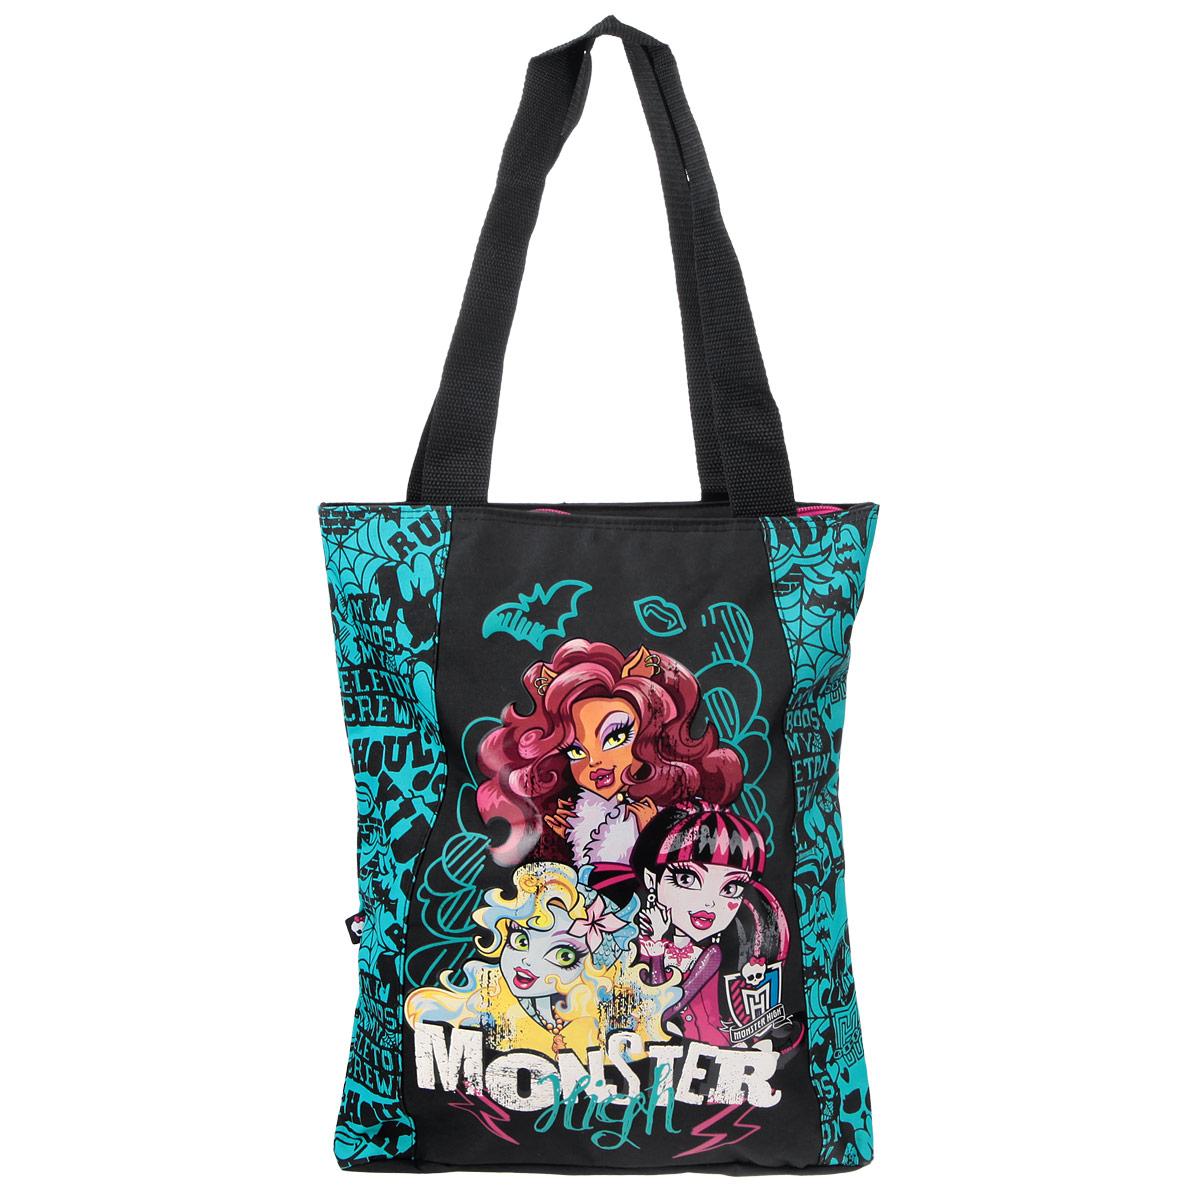 """Сумка детская """"Monster High"""", цвет: черный, бирюзовый. MHBA-UT1-5011B"""